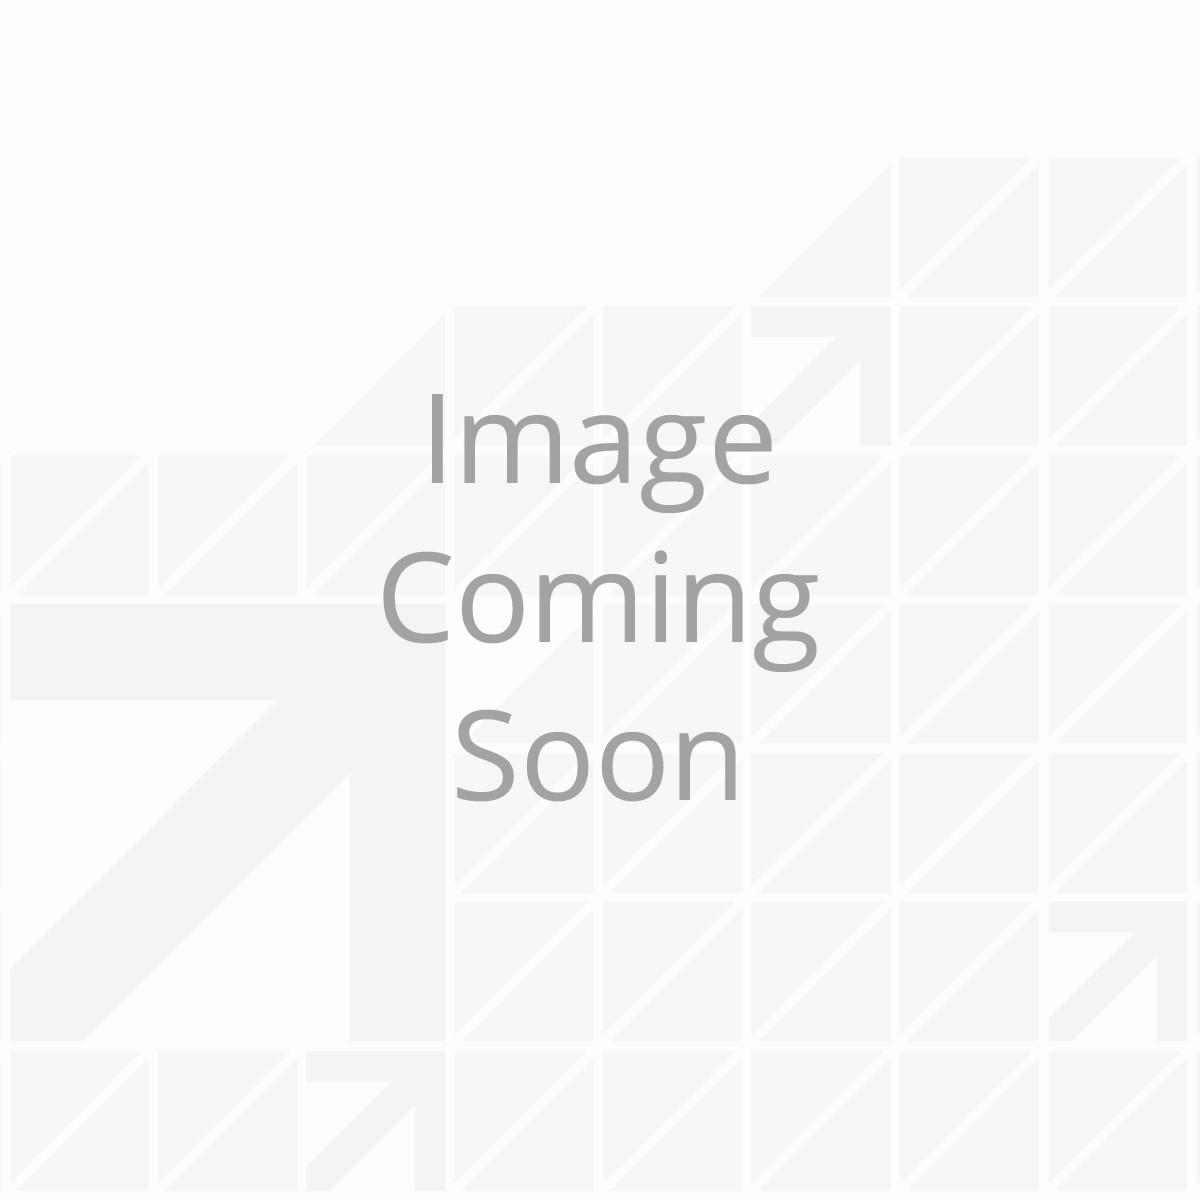 Nike Dri-Fit Hats White